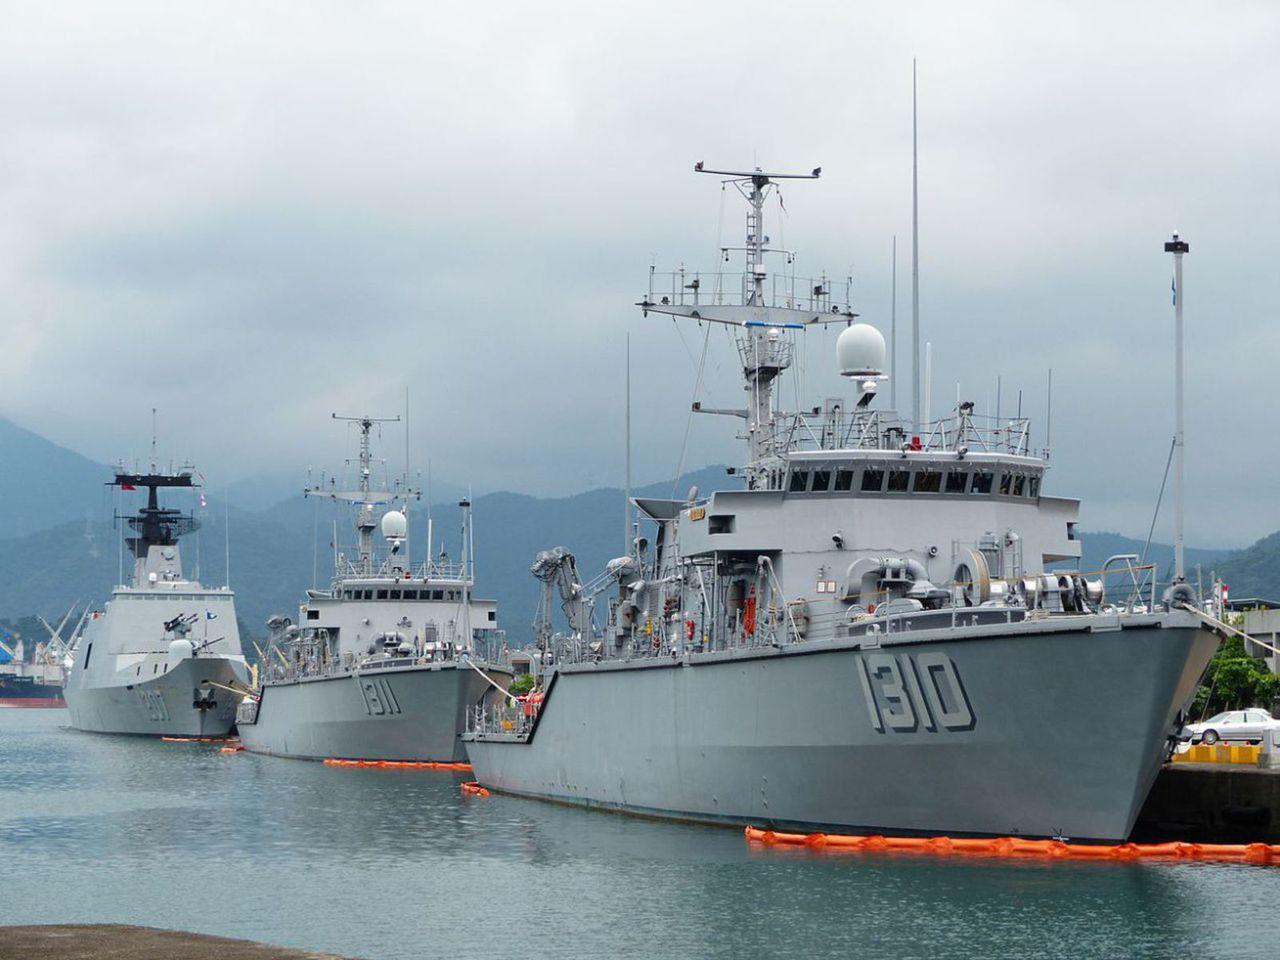 Taiwan ya adquirio y desarrollo  equipo militar propio para contra-restar el rapido crecimiento de armas en China 1280px_ROCN_Yung_Jin_MHC_1310_Yung_An_MHC_1311_a